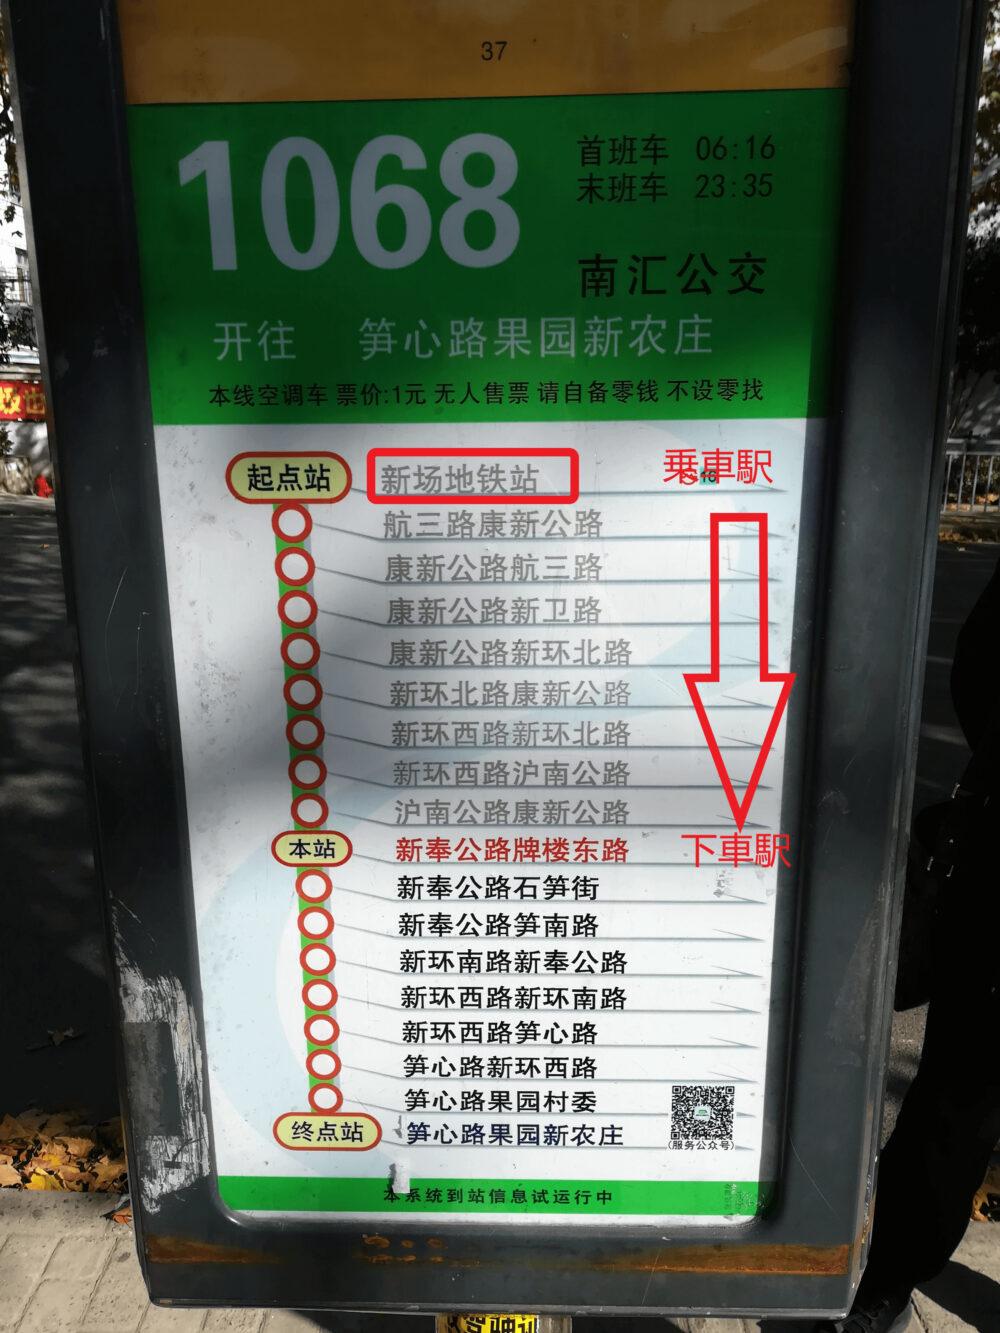 バス停を確認しているときの写真